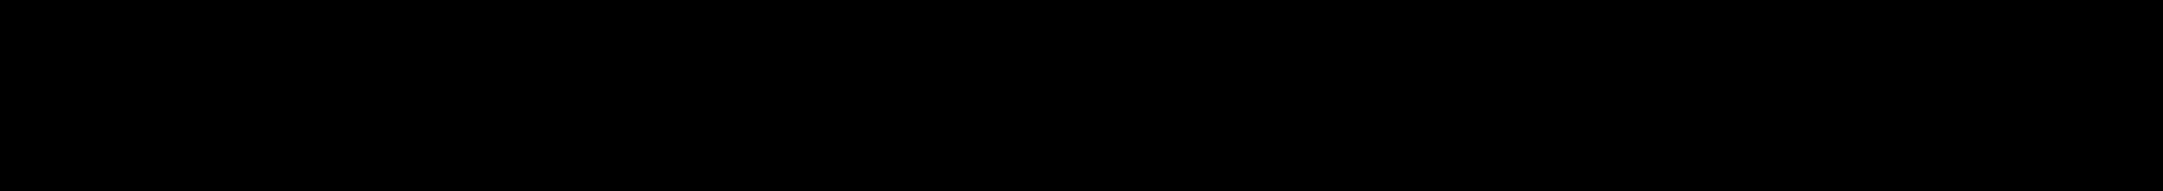 Gasoline Serif BTN Bold